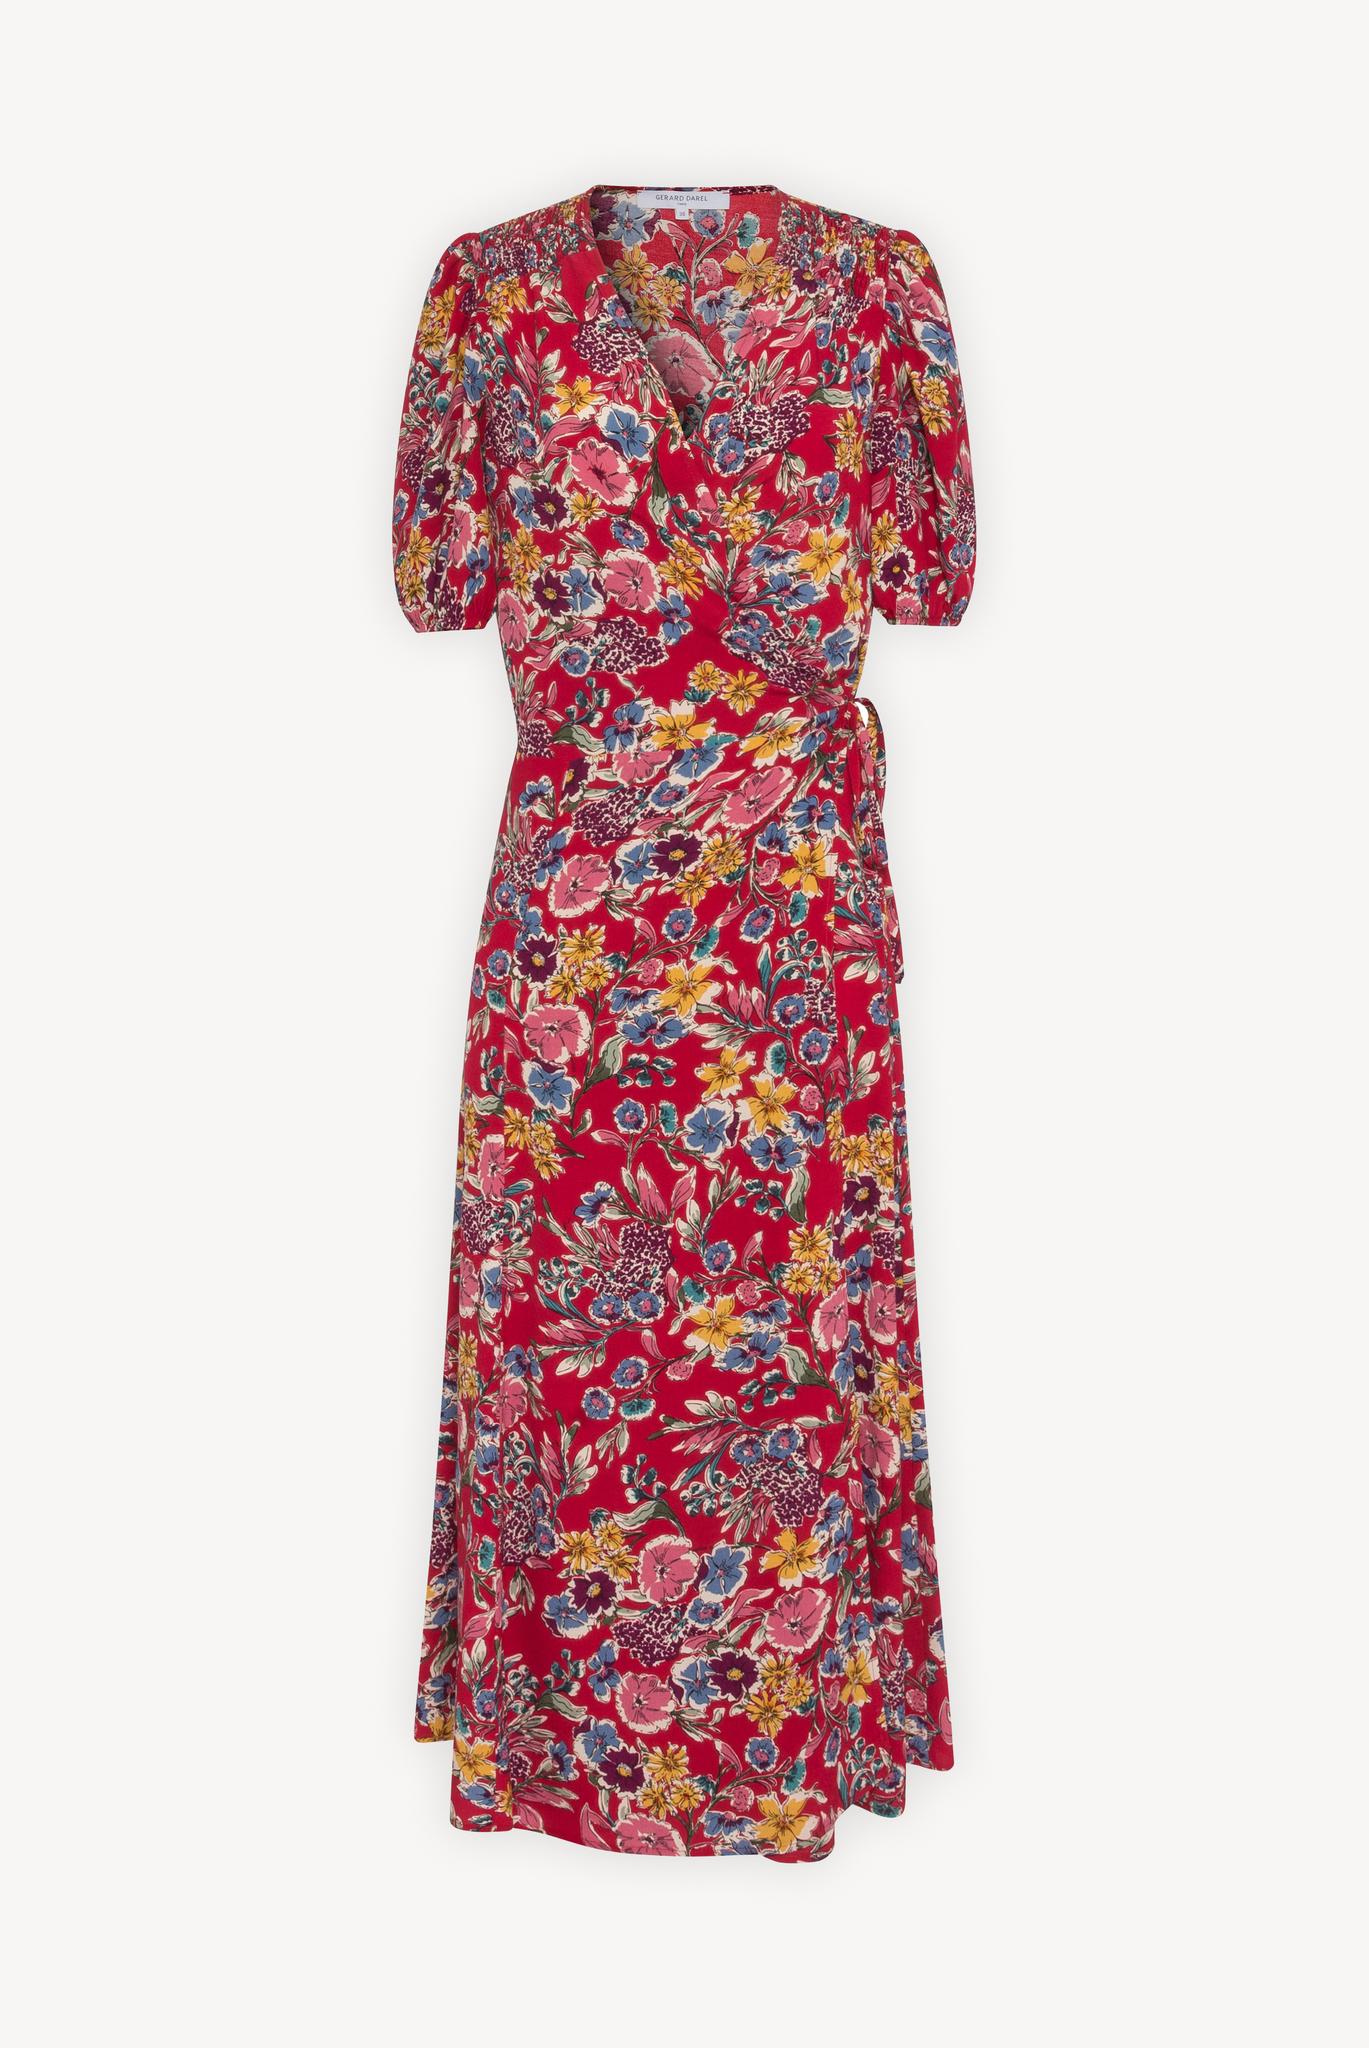 SICILE - Длинное платье с запахом